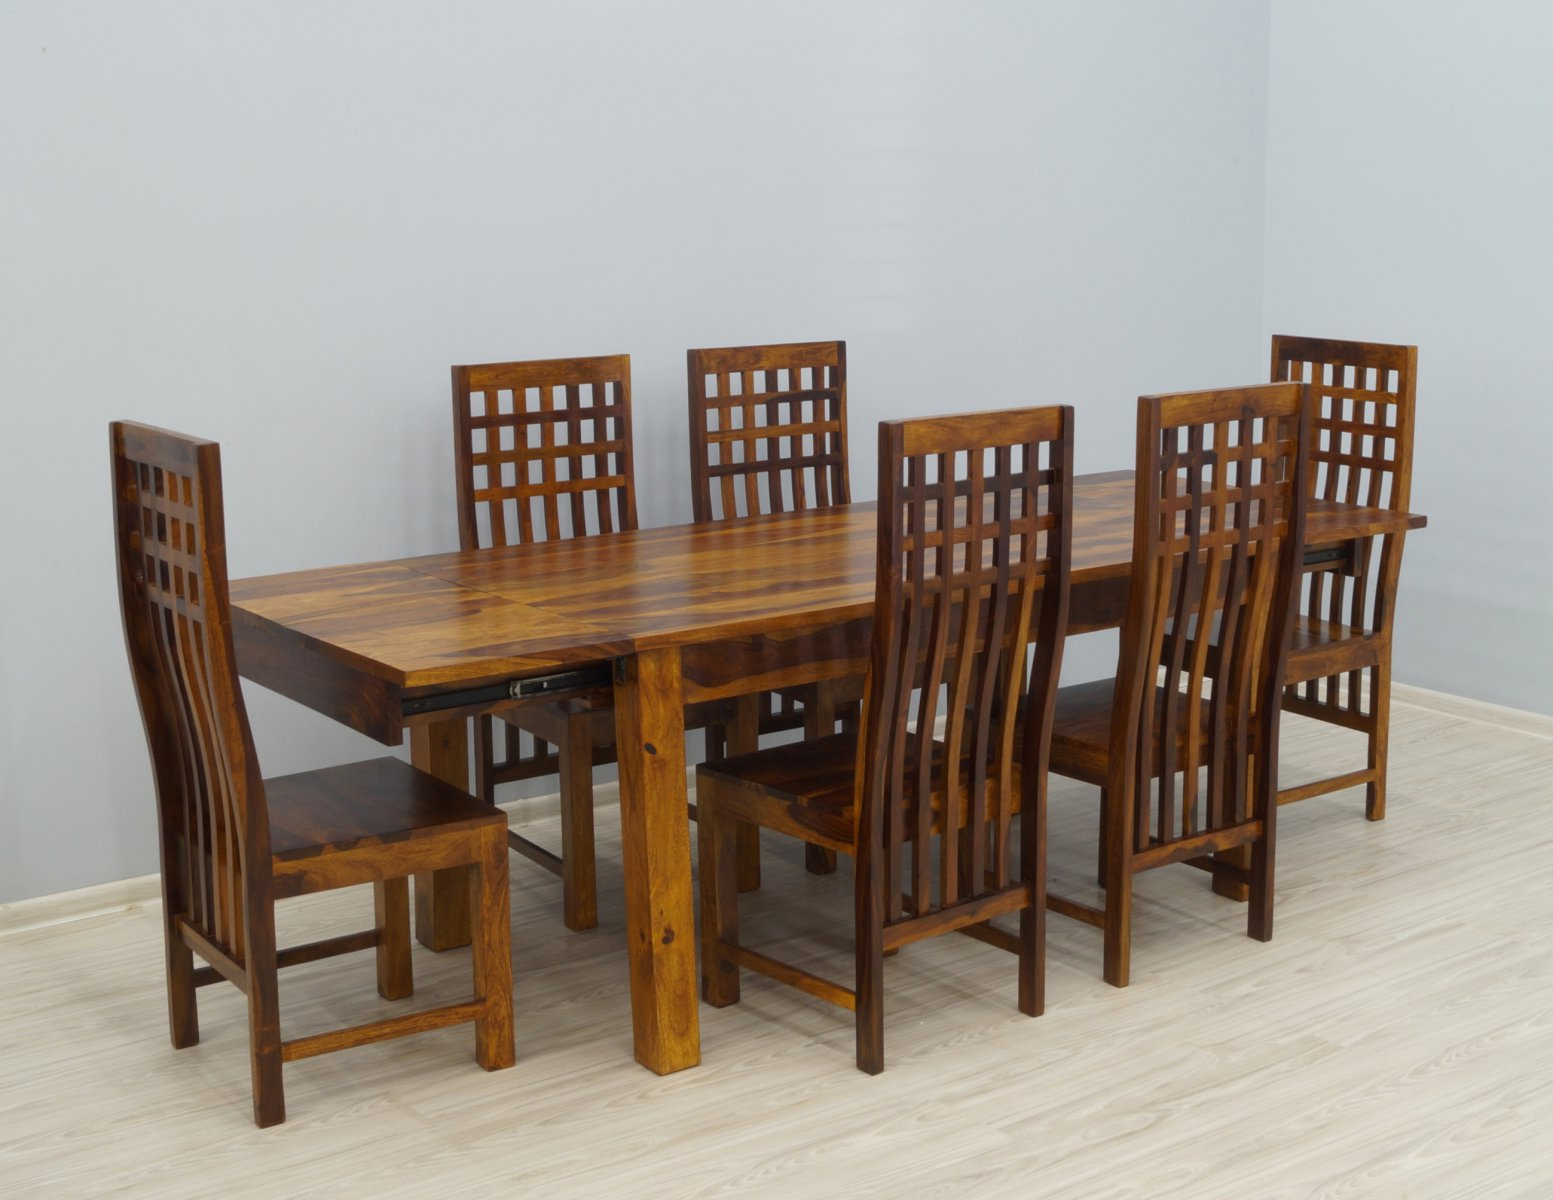 Komplet obiadowy kolonialny stół rozkładany + 6 krzeseł lite drewno palisander miodowy brąz modernistyczny